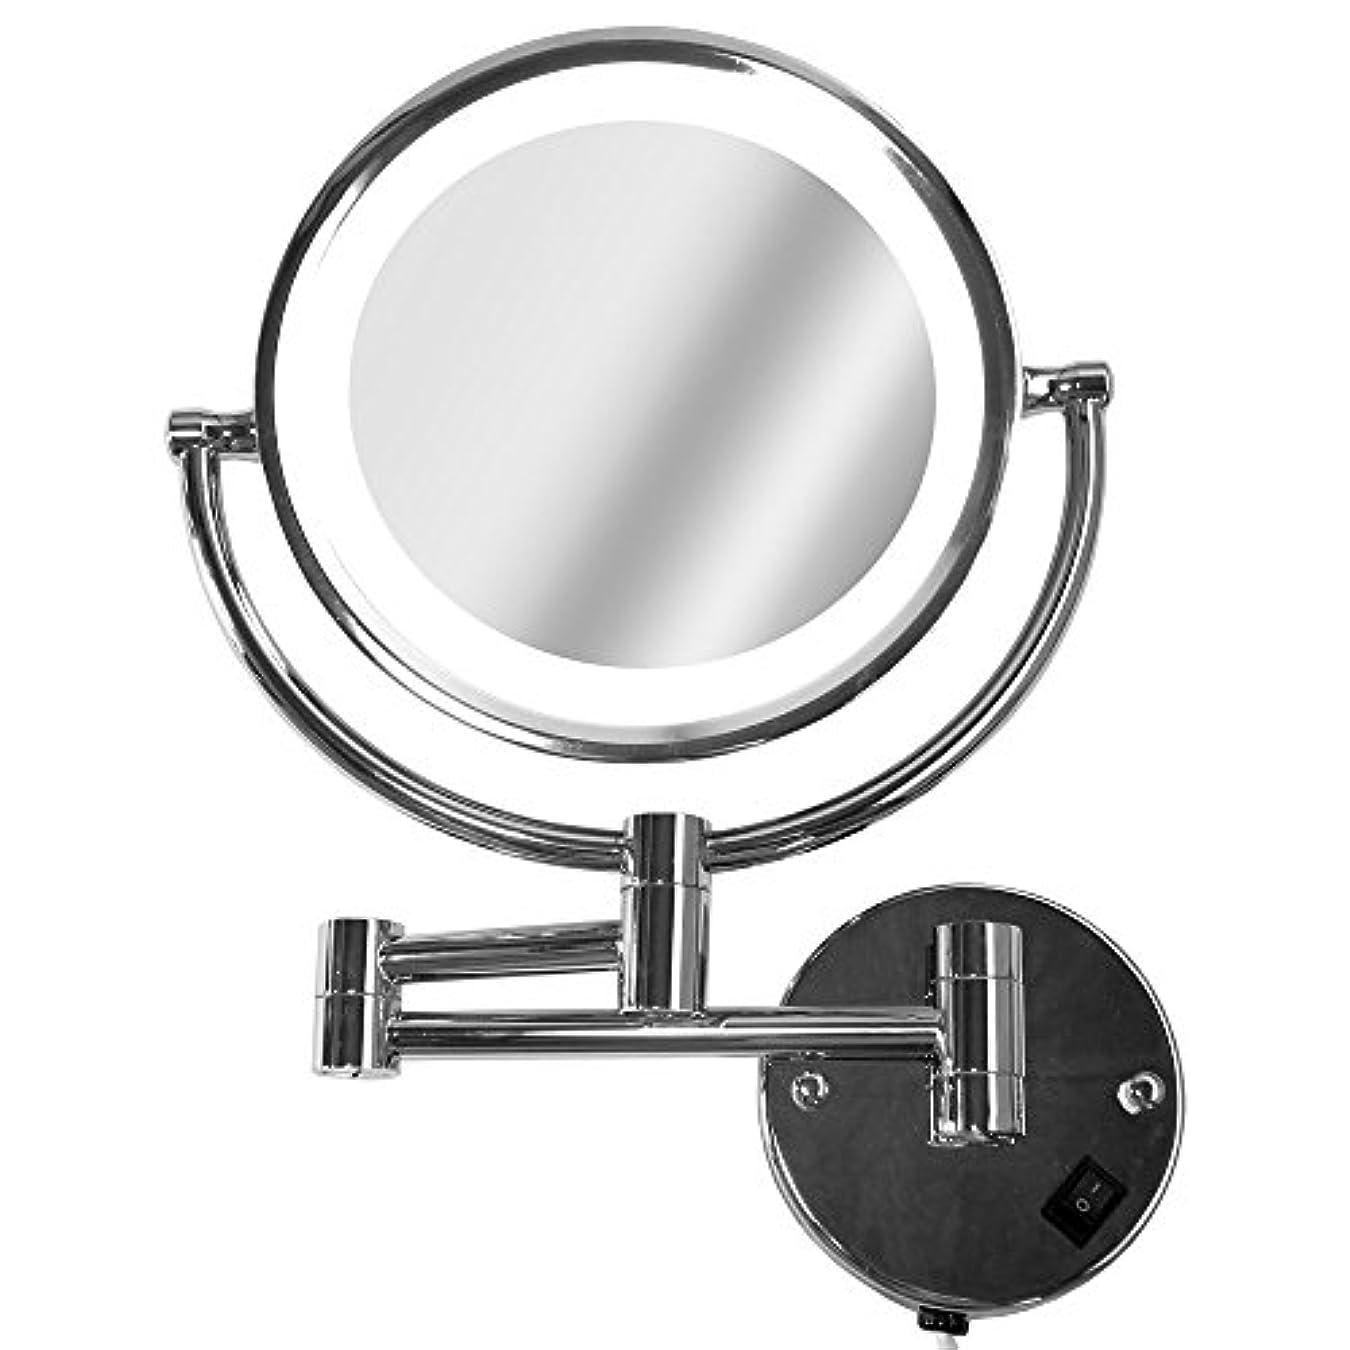 笑い疎外する一般的に言えばLa Curie アームミラー 壁付けミラー 拡大鏡 折りたたみホテルミラー LEDライト付 5倍 LaCurie014